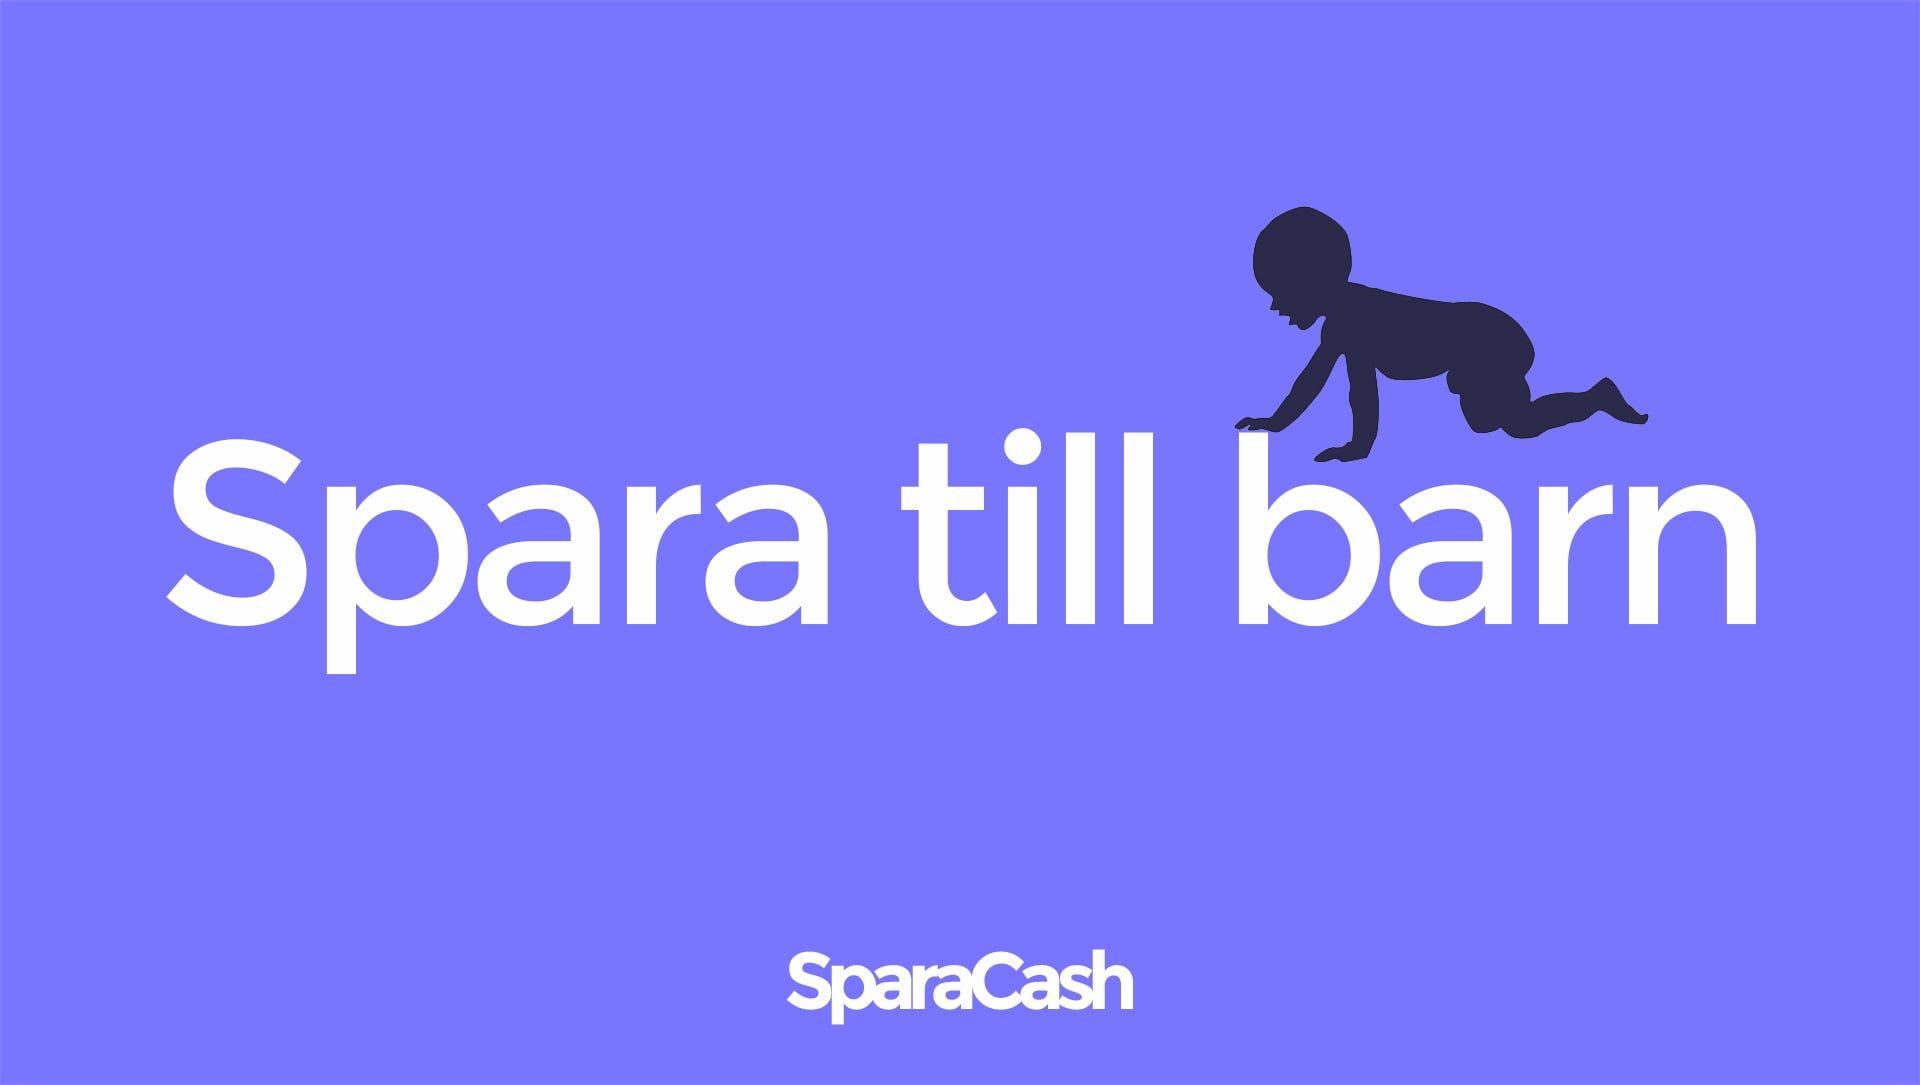 Spara till barn